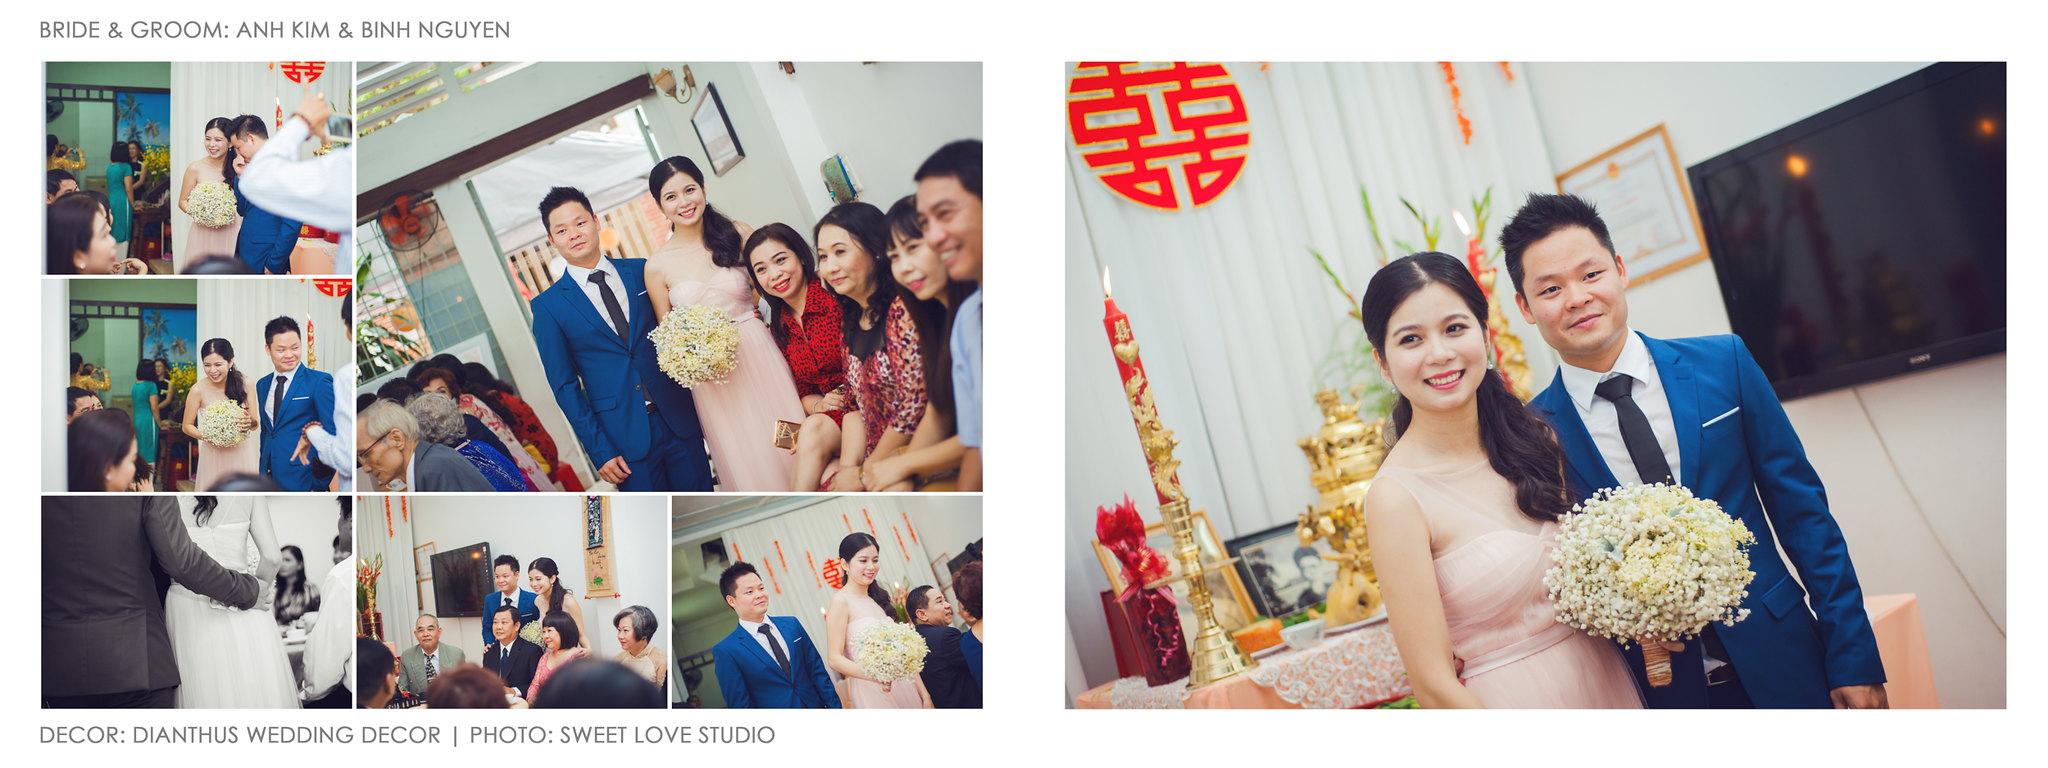 Chup-anh-cuoi-phong-su-Anh-Kim-Binh-Nguyen-14